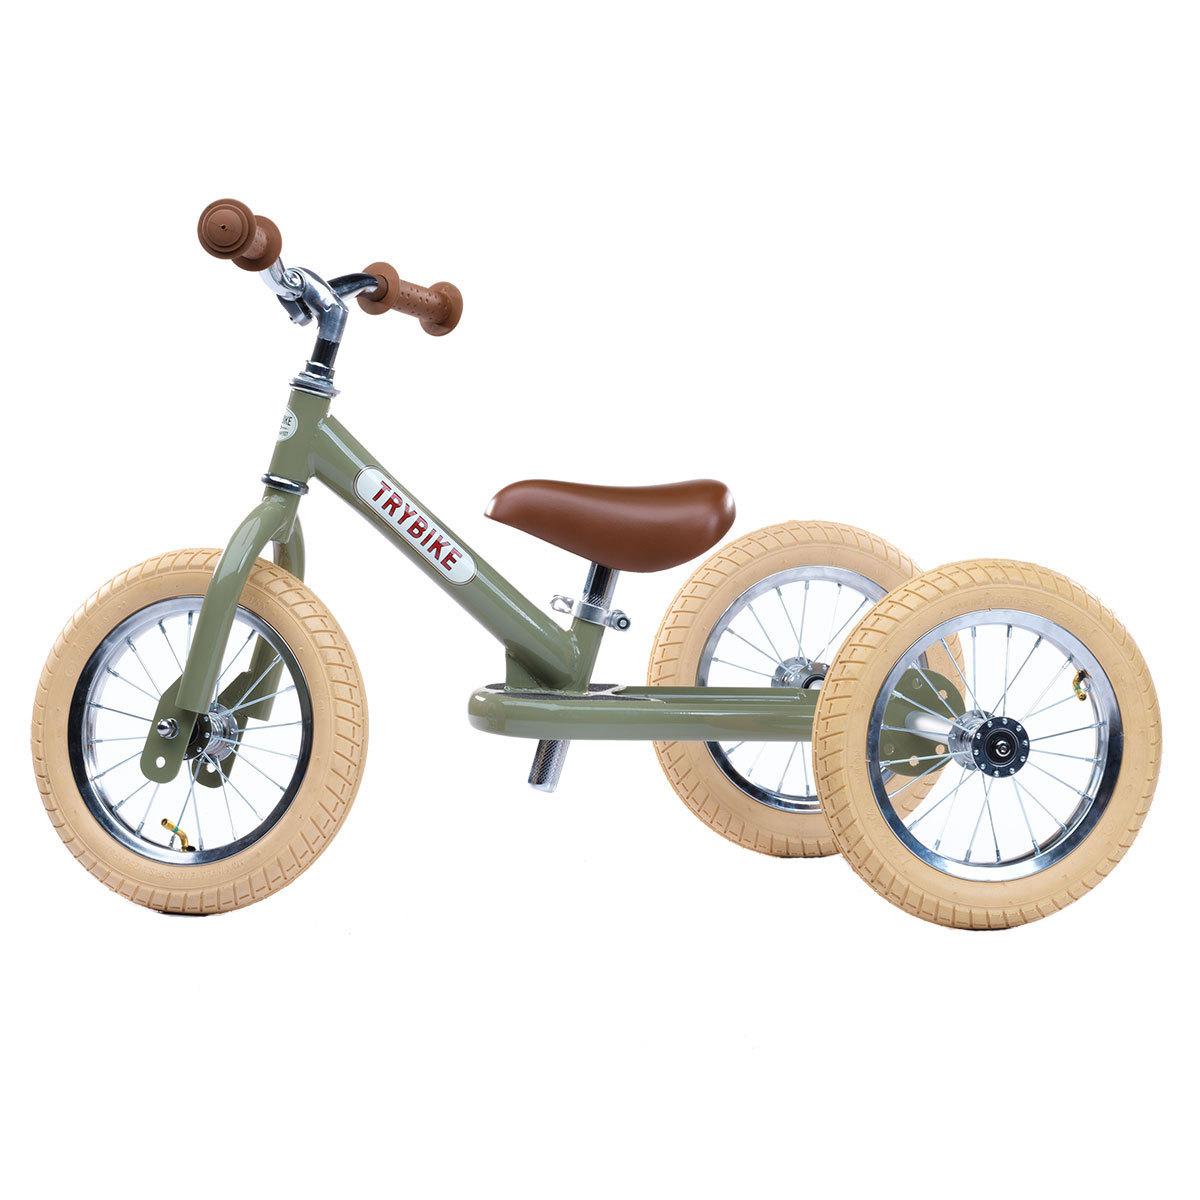 Trotteur & Porteur Trybike 2 en 1 - Vintage Vert Trybike 2 en 1 - Vintage Vert